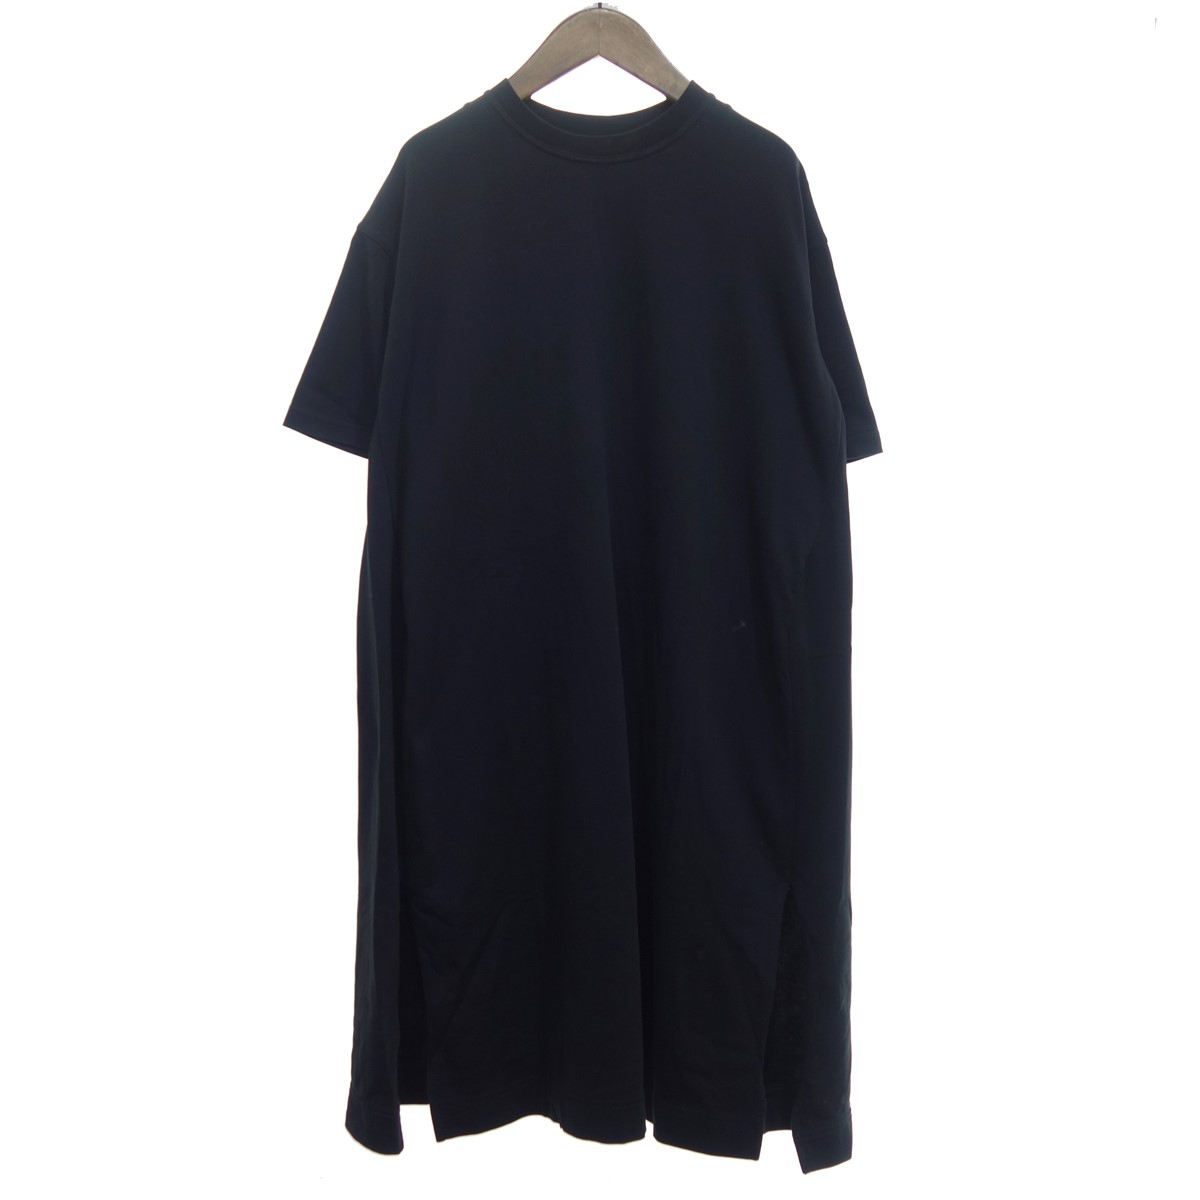 【中古】ACNE STUDIOS Oversize Sweatshirt Dress ワンピース ブラック サイズ:XXS 【040520】(アクネストゥディオズ)